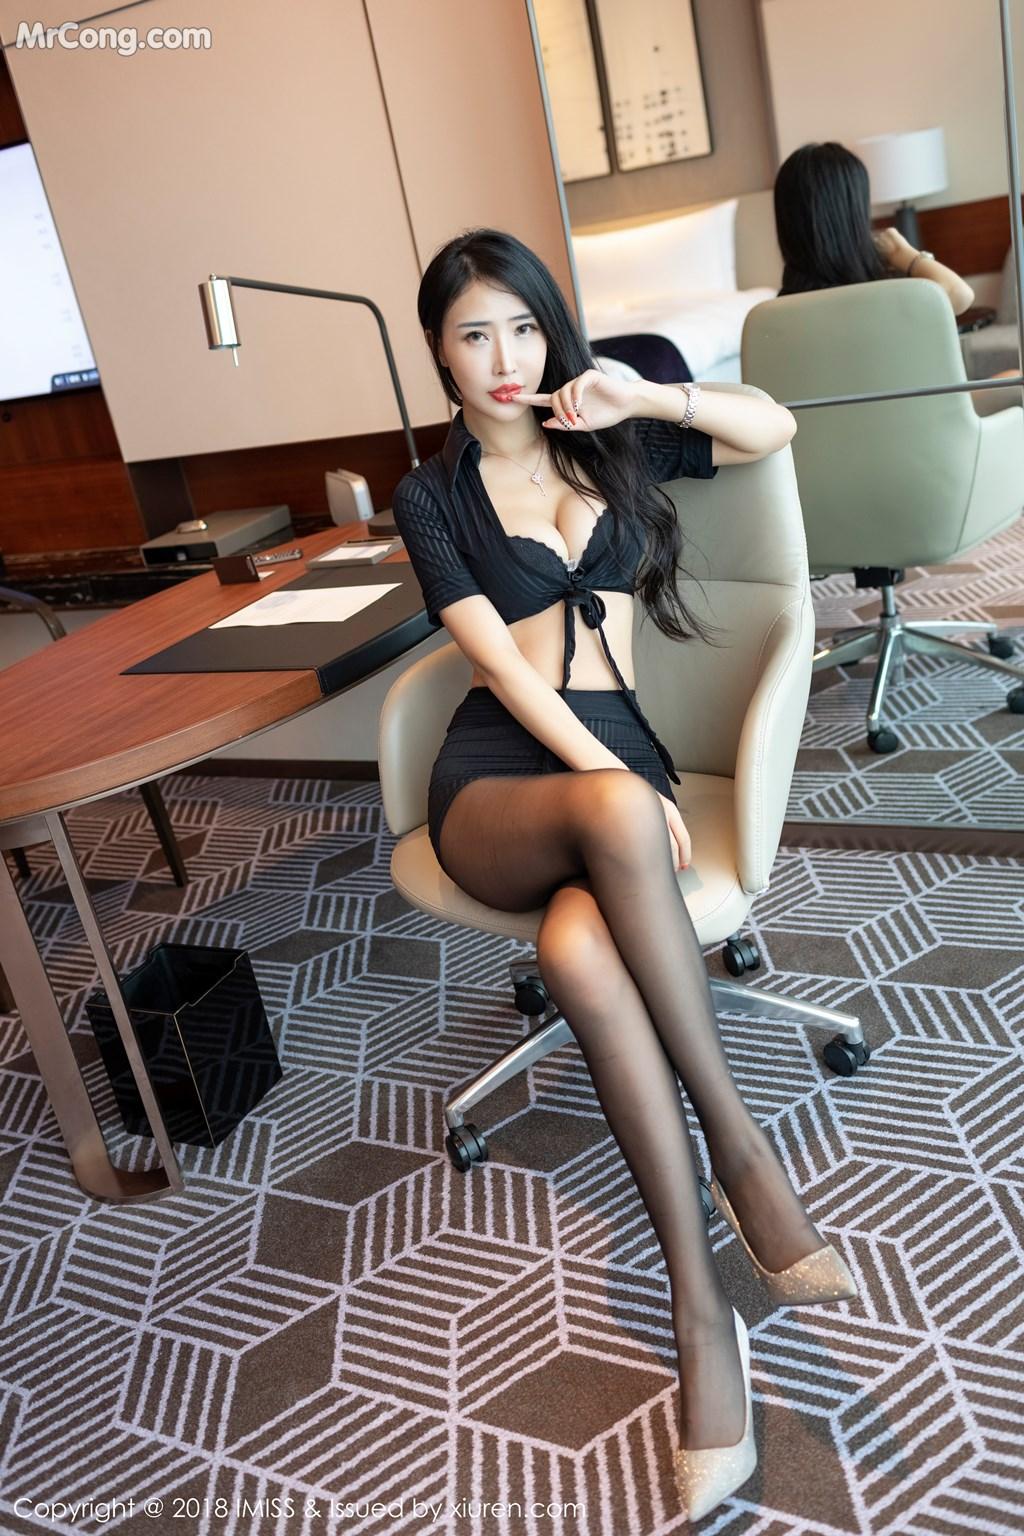 Image IMISS-Vol.305-Yu-Gong-Zhu-MrCong.com-008 in post IMISS Vol.305: Người mẫu Yu Gong Zhu (俞公主) (40 ảnh)